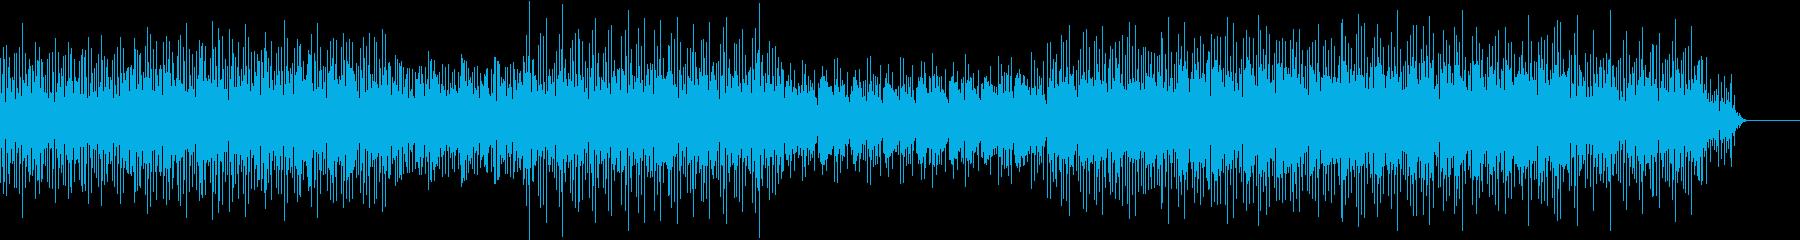 【リズムに乗れる】ノリの良いテクノロックの再生済みの波形